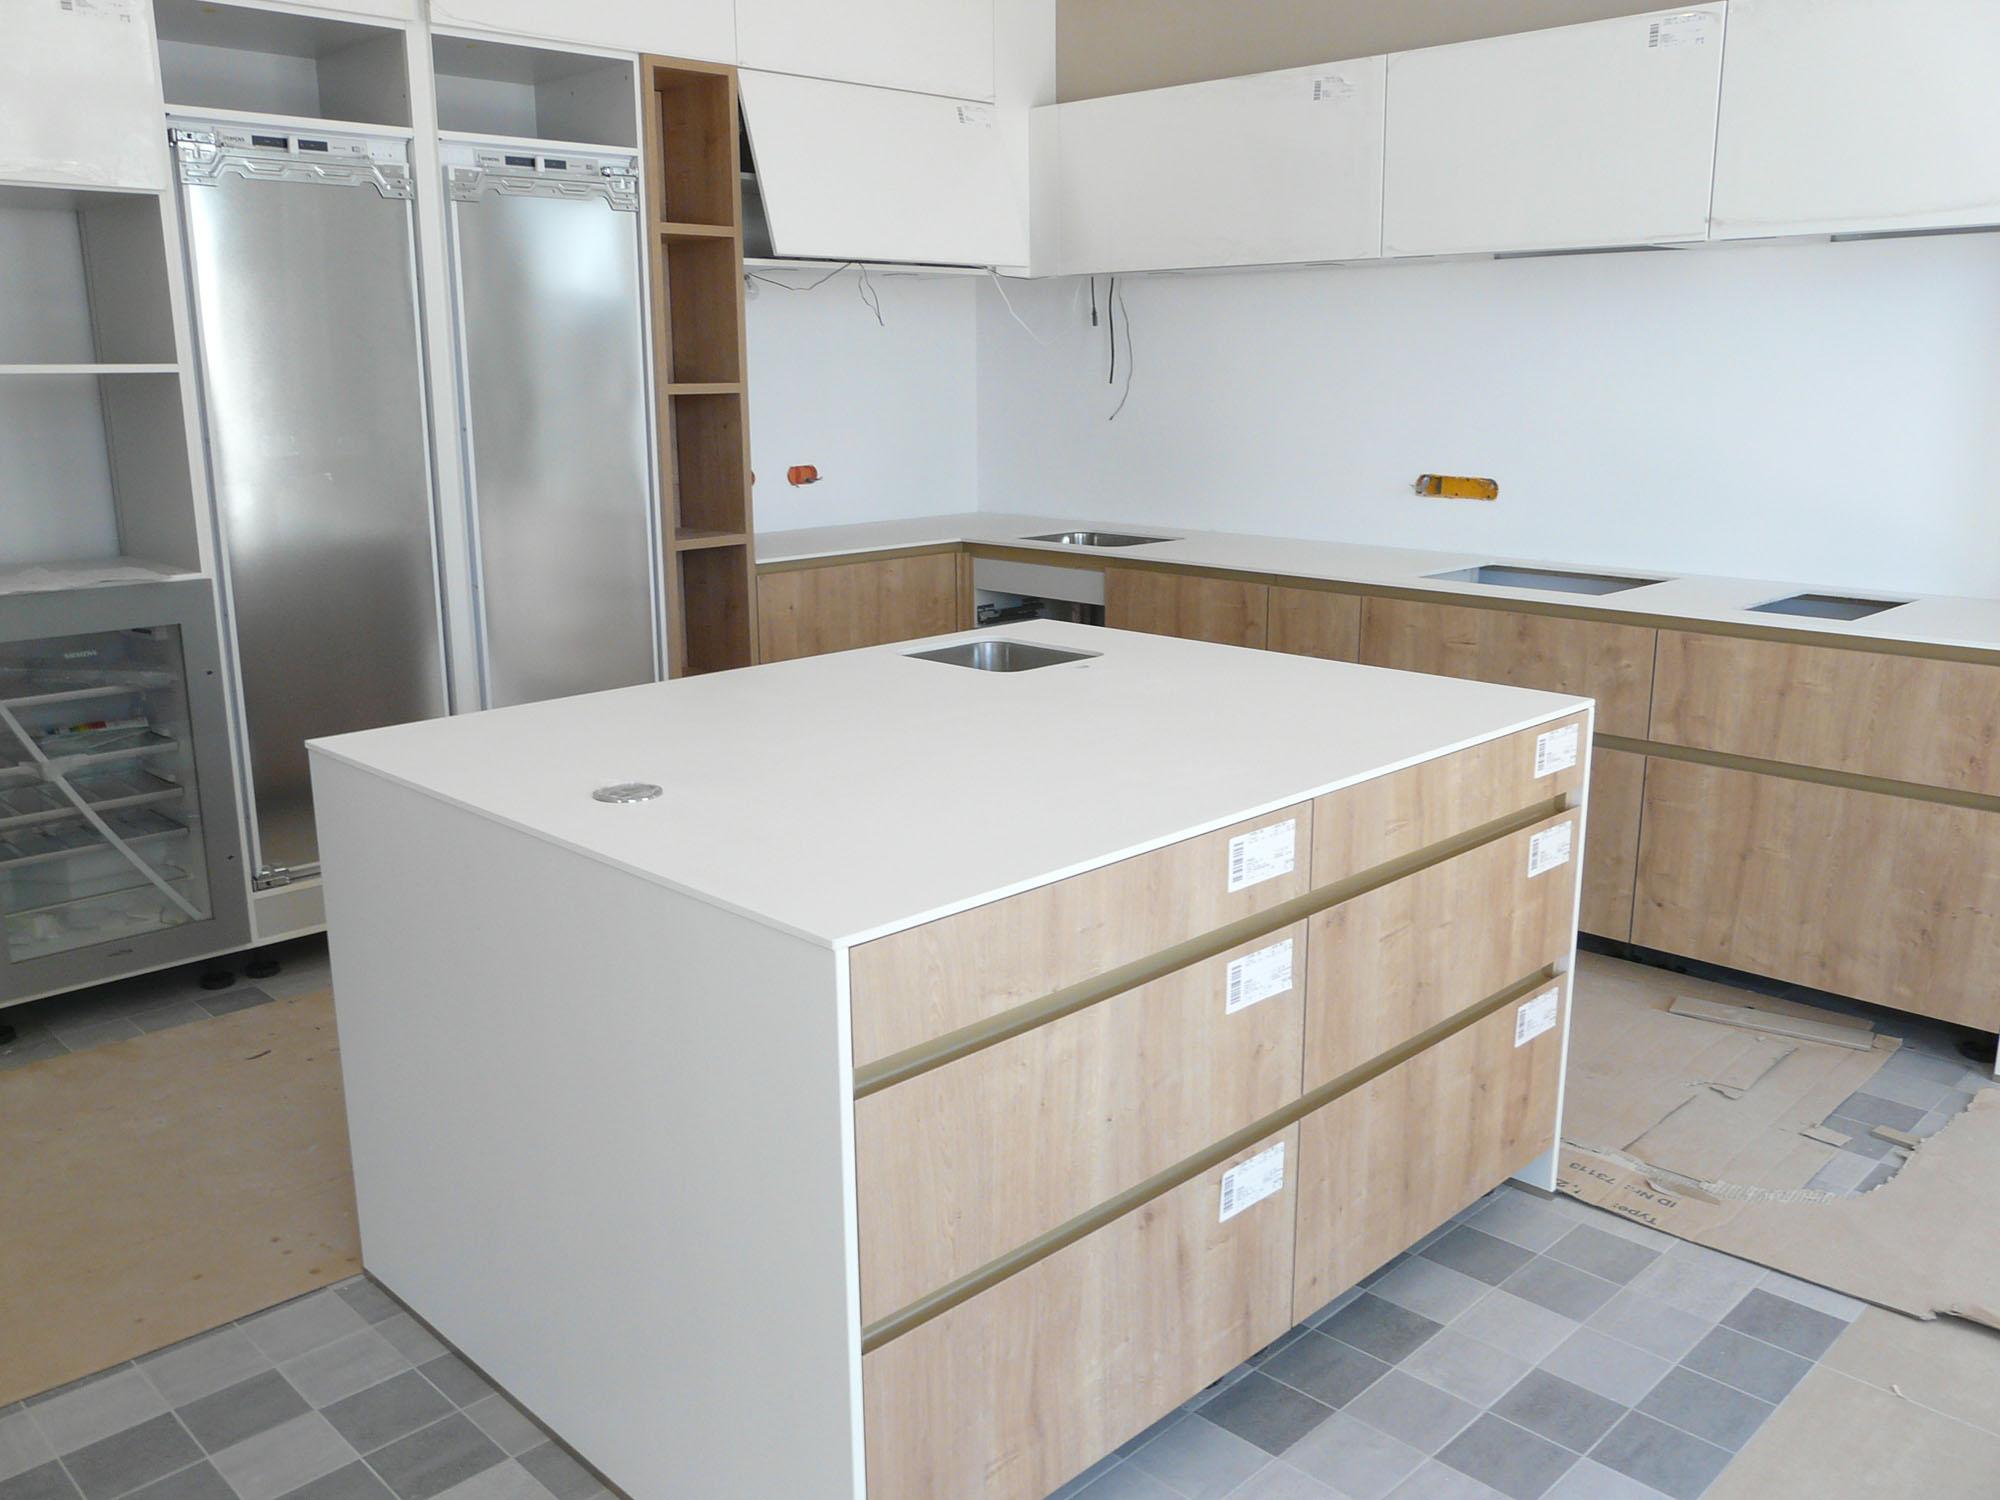 dekton plan de travail plans de travail with dekton plan de travail stratifi cuisine awesome. Black Bedroom Furniture Sets. Home Design Ideas